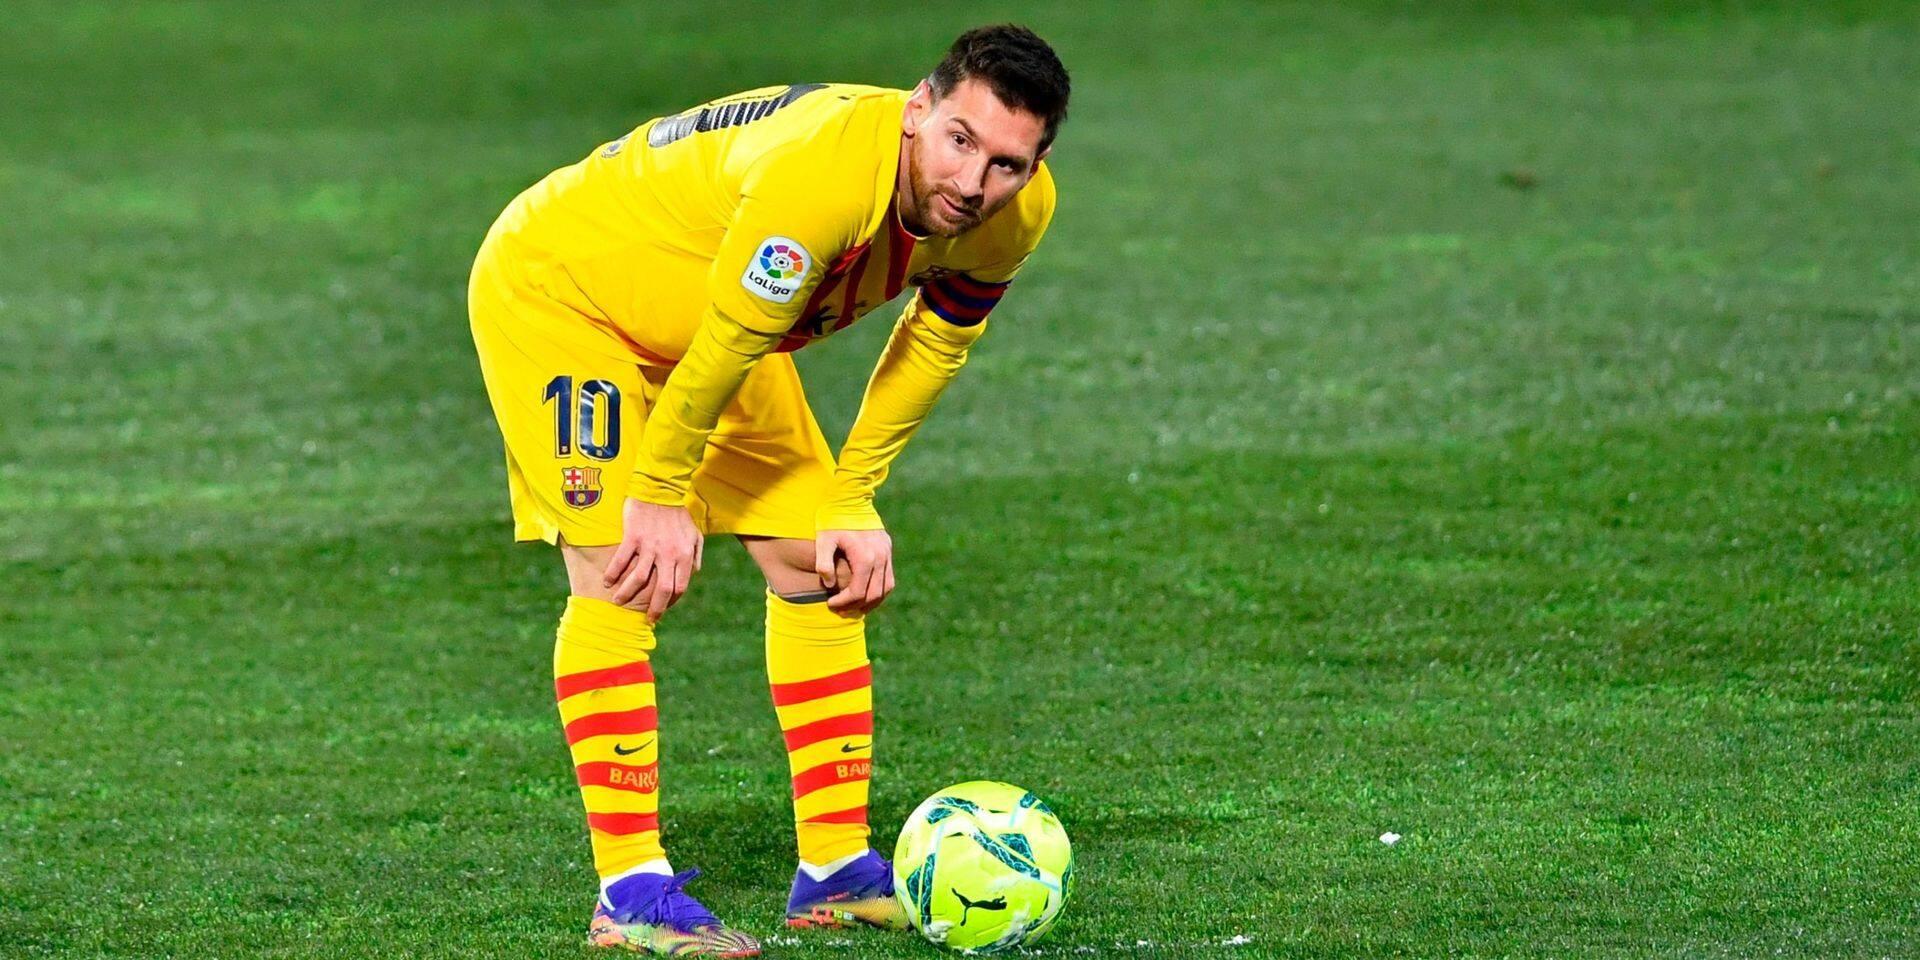 Barcelone s'impose par le plus petit écart à Huesca pour le 500e match en Liga de Messi